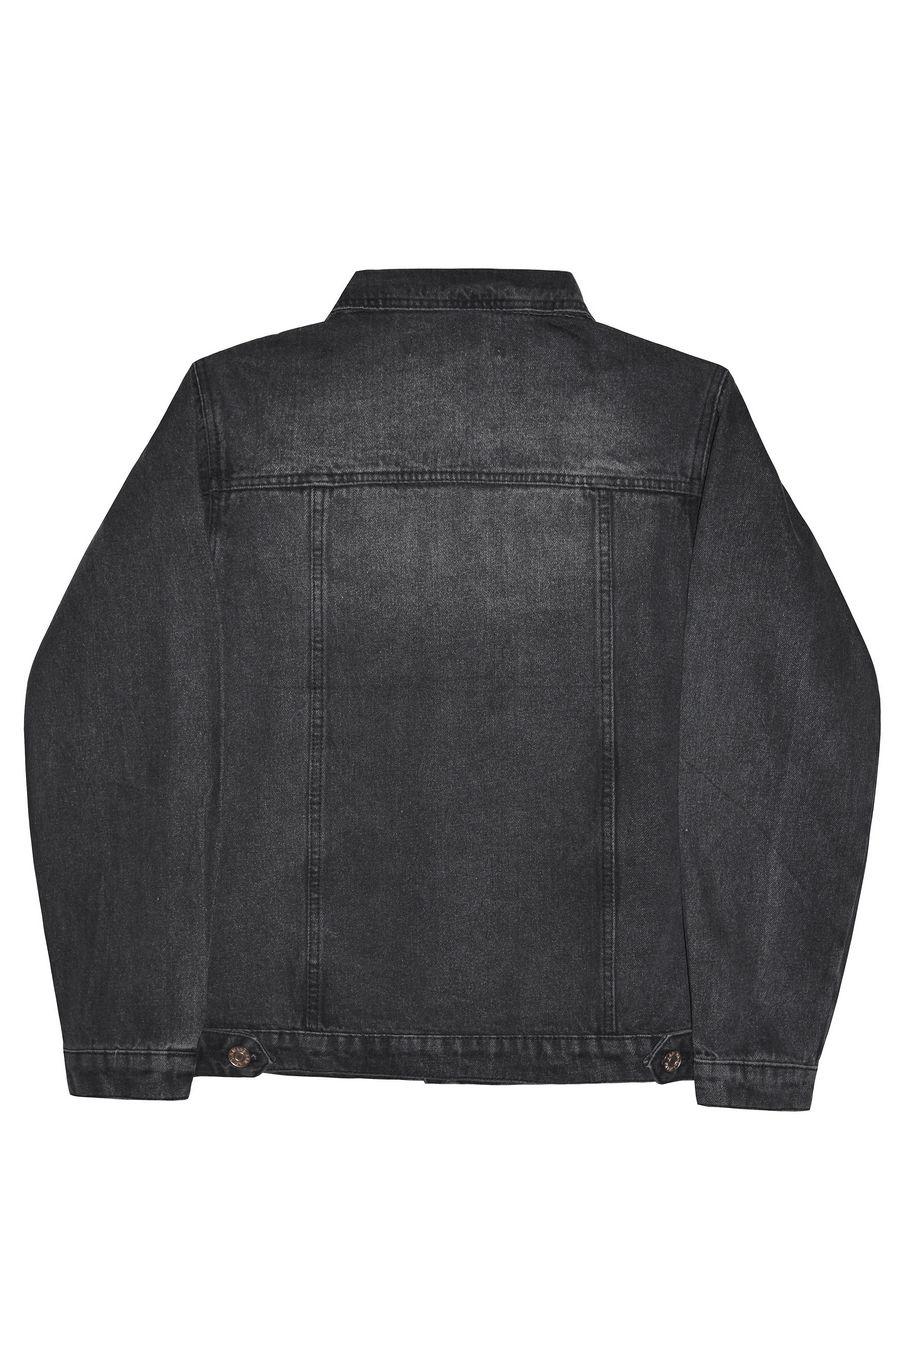 Пиджак мужской (джинсовка) Arnold 5709B - фото 6